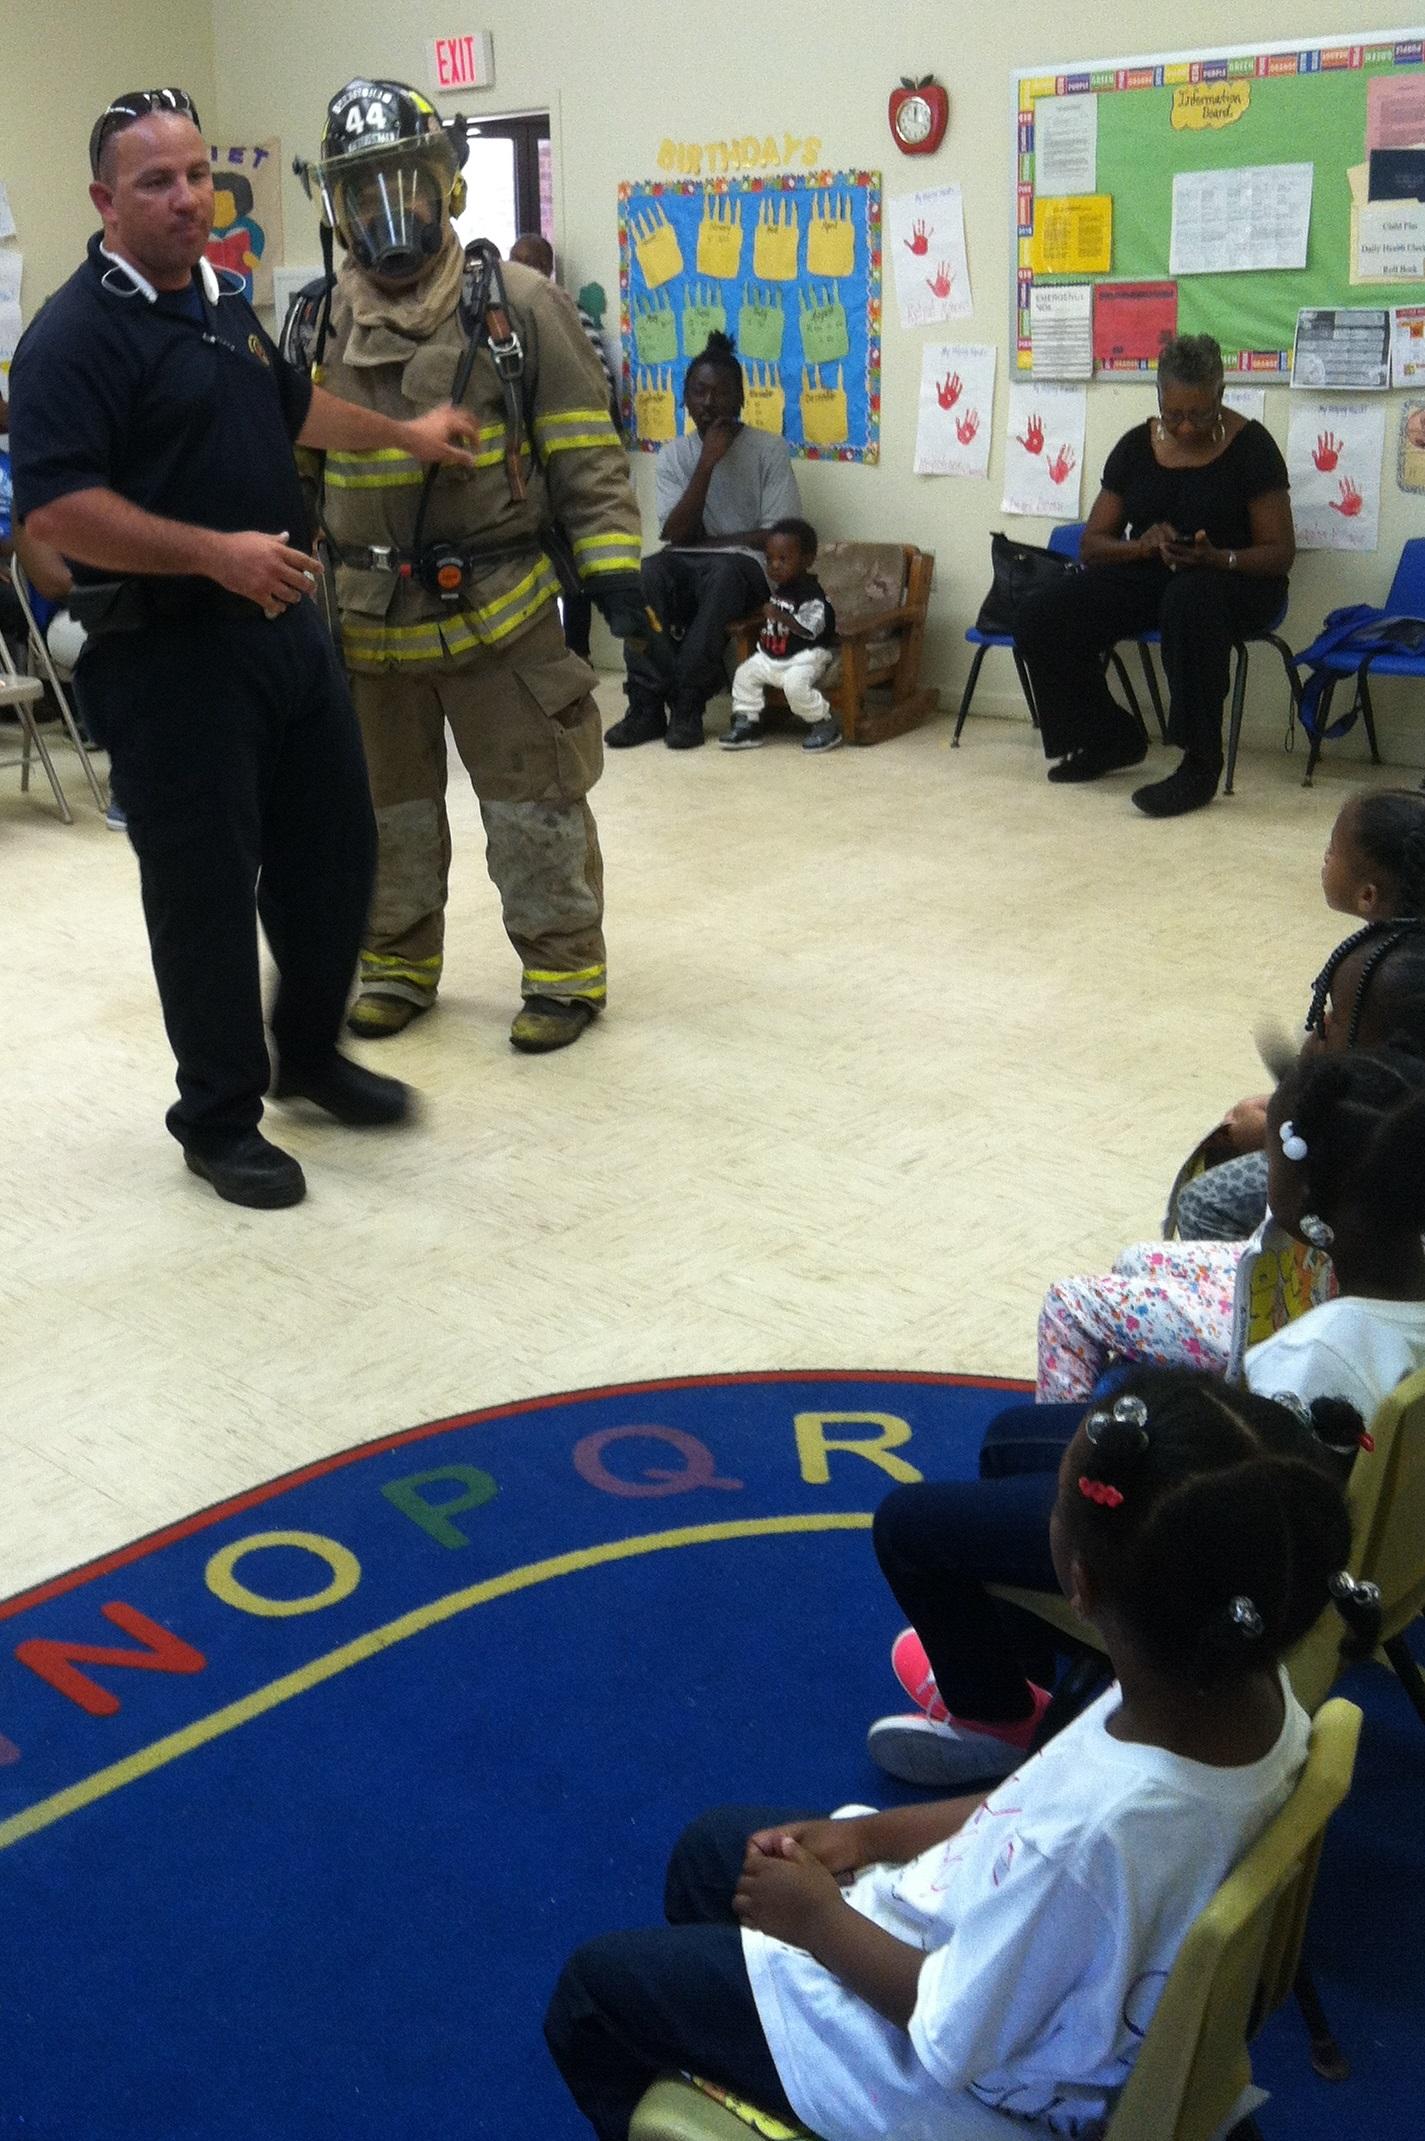 Firemen Scott & Gary